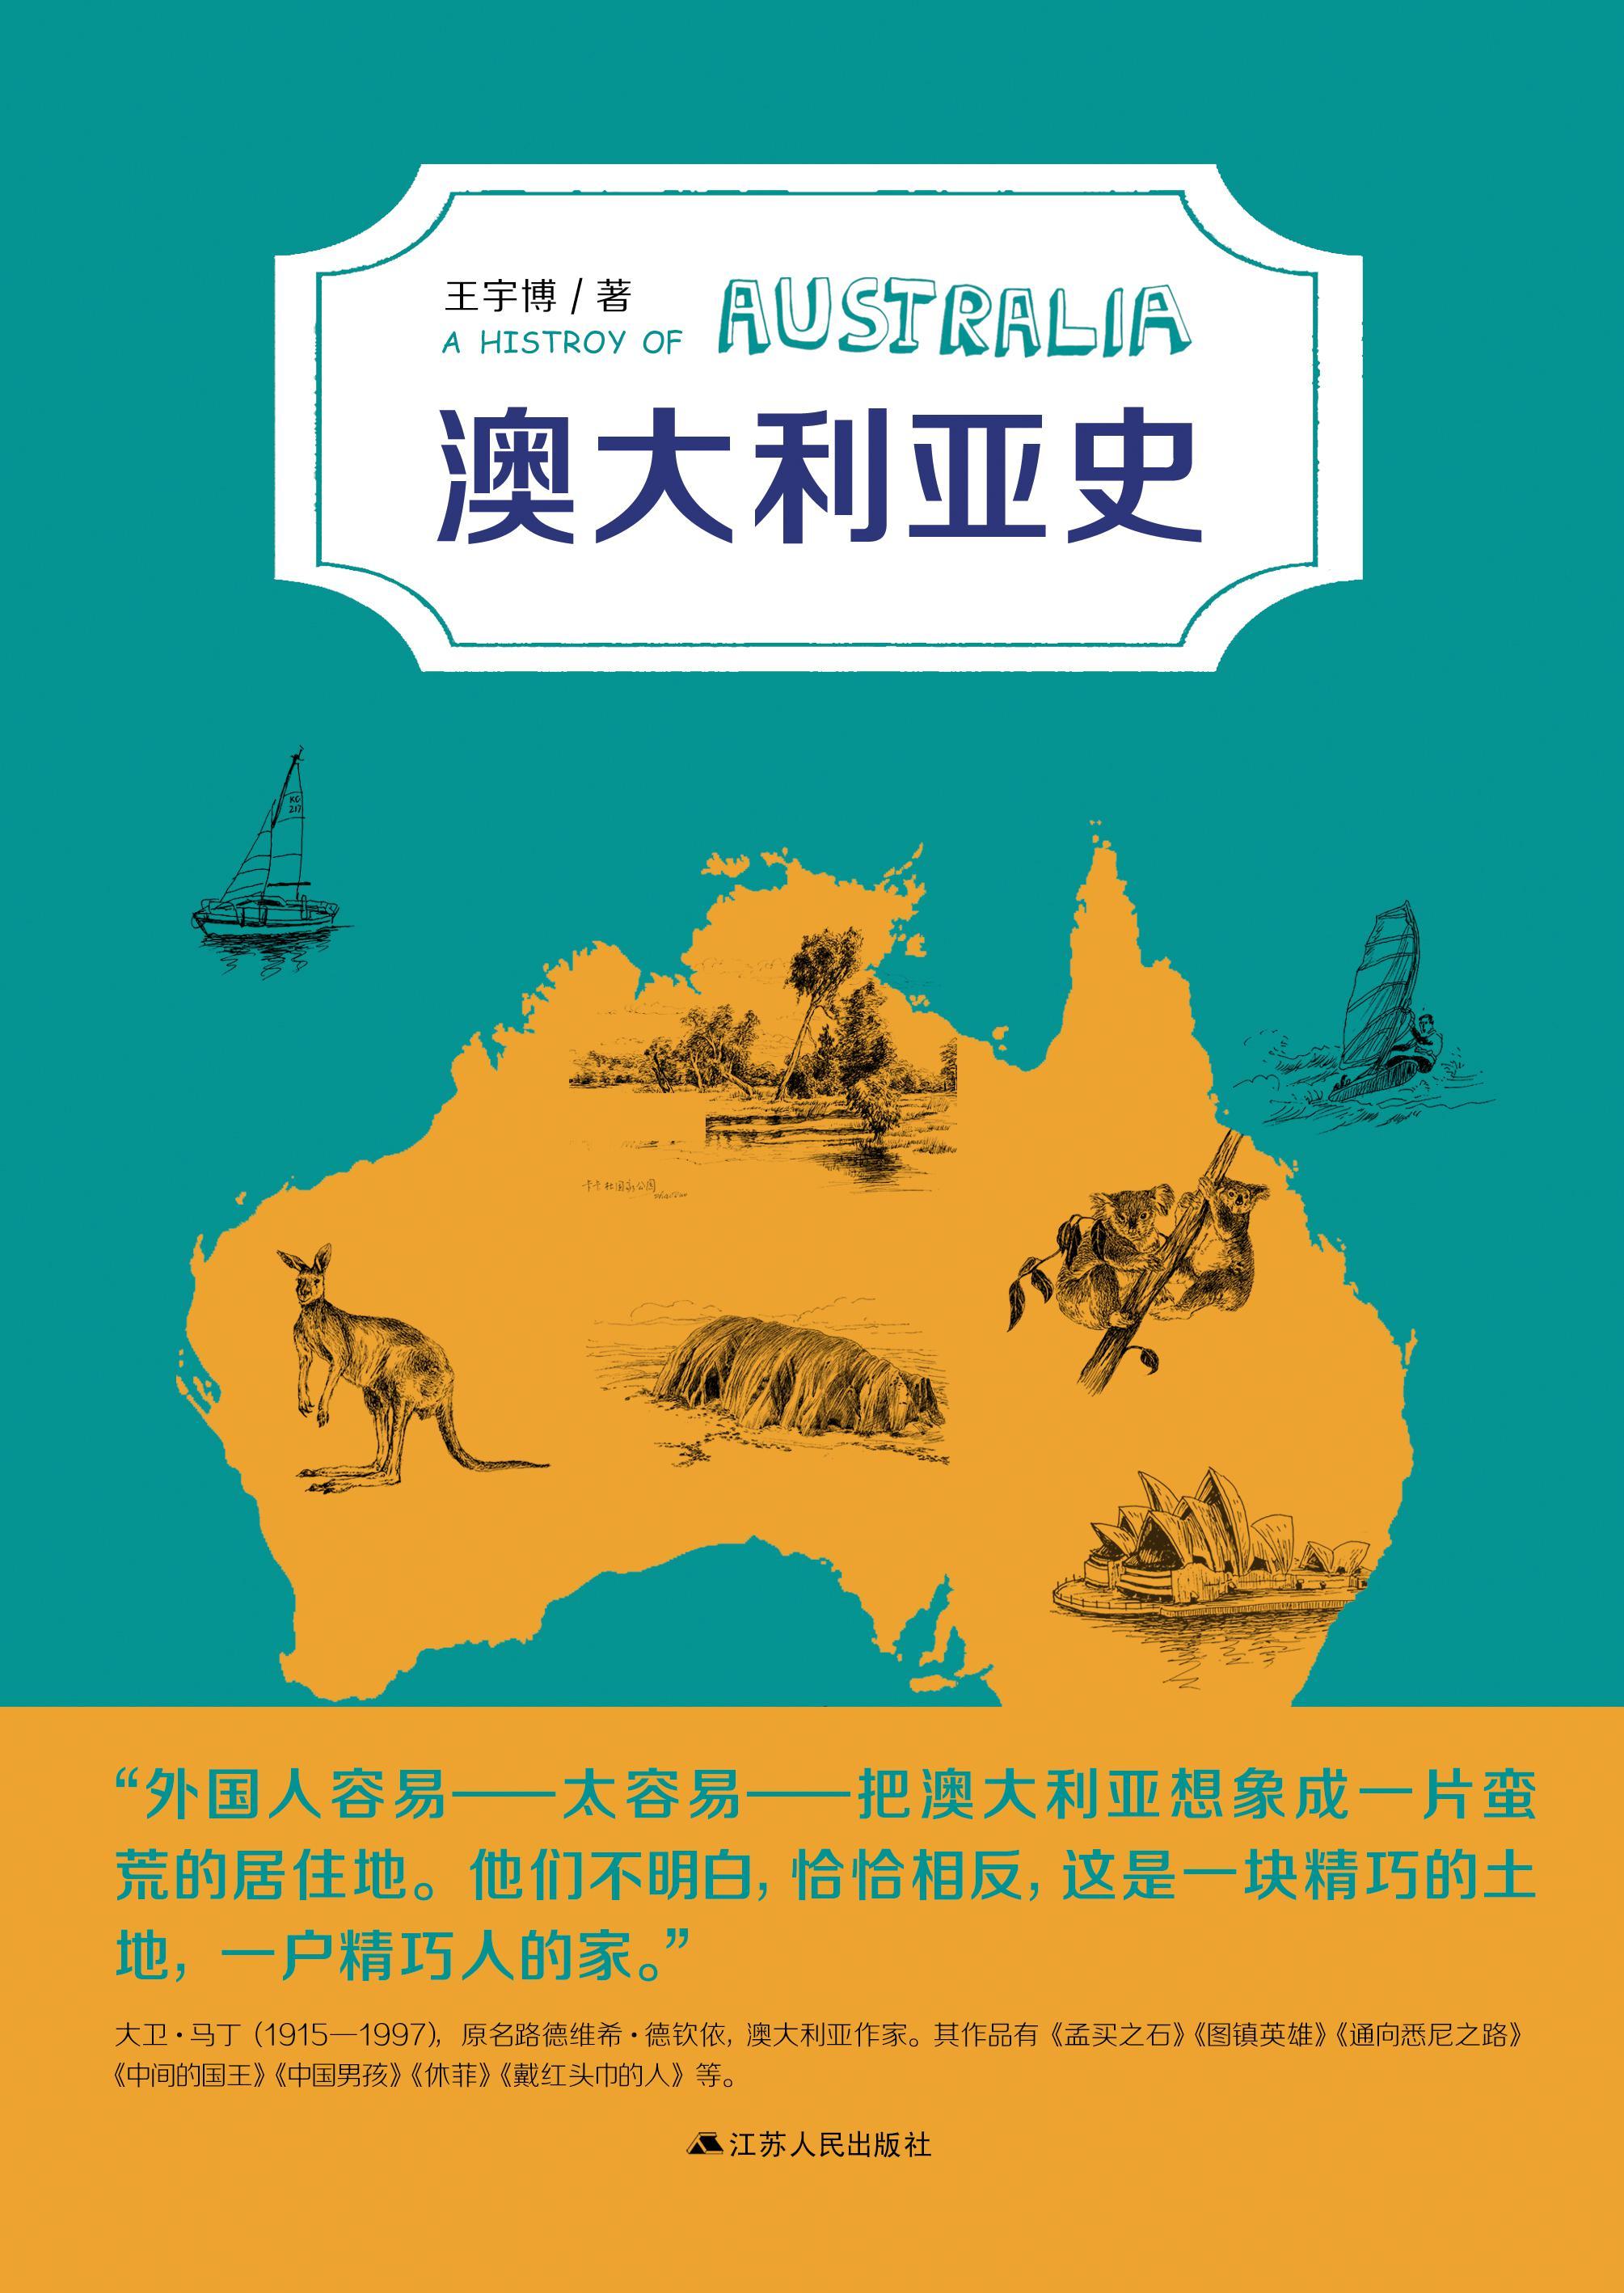 书摘|遥远的海外监狱:澳大利亚曾是人间地狱?